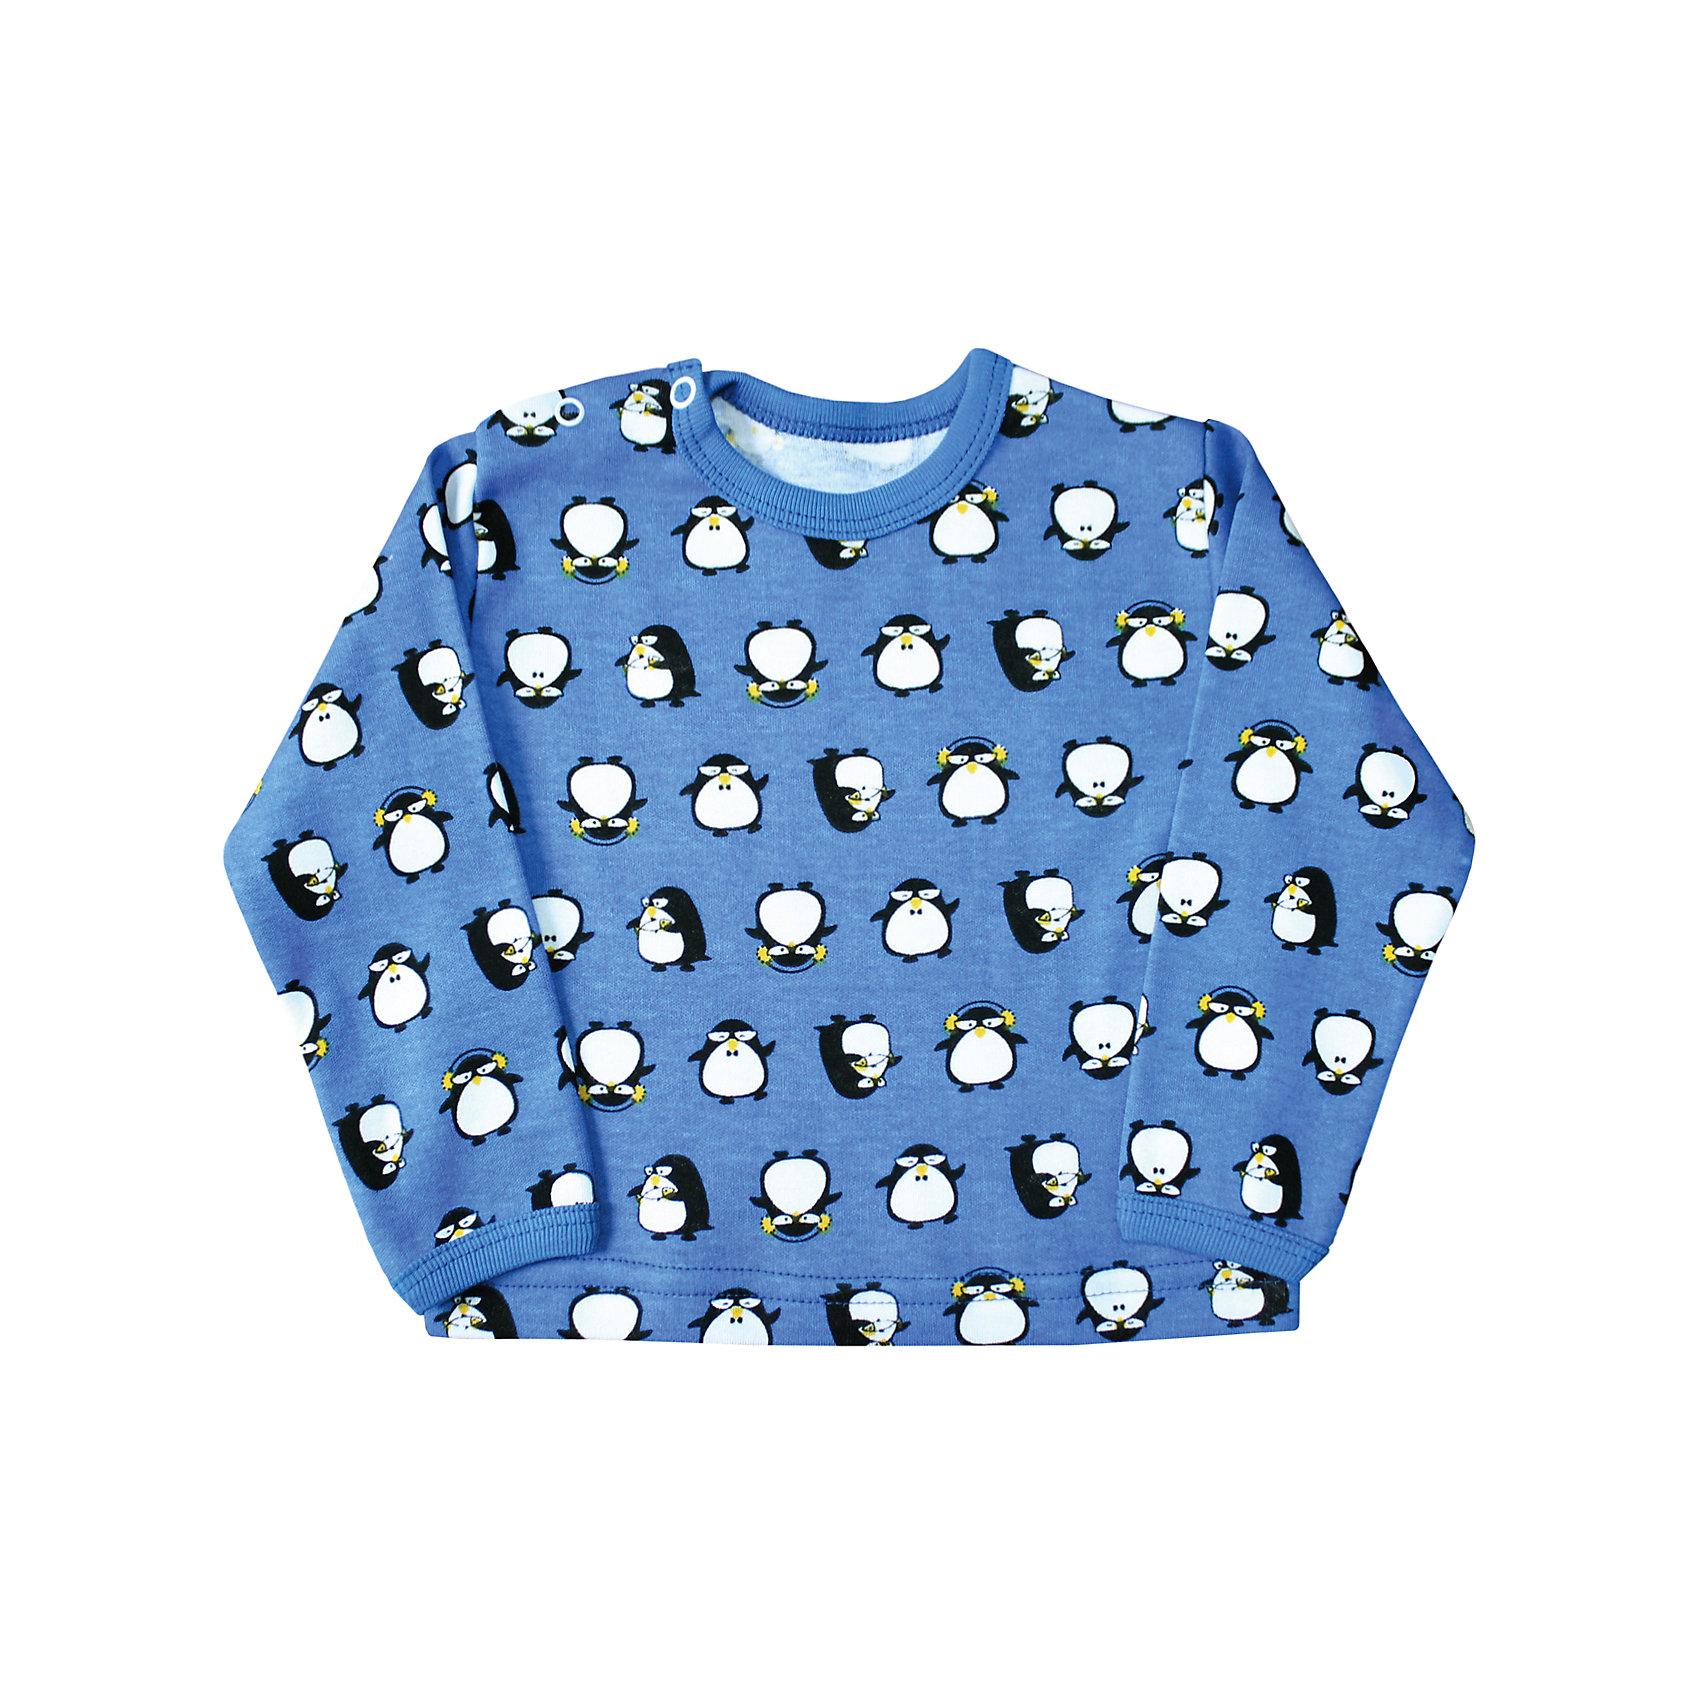 Футболка с длинным рукавом  для мальчика Веселый малышФутболки с длинным рукавом<br>Футболка длин. рукав на кнопках из интерлока (пенье).<br>Состав:<br>100% Хлопок<br><br>Ширина мм: 157<br>Глубина мм: 13<br>Высота мм: 119<br>Вес г: 200<br>Цвет: голубой<br>Возраст от месяцев: 12<br>Возраст до месяцев: 18<br>Пол: Мужской<br>Возраст: Детский<br>Размер: 86,62,68,74,80<br>SKU: 5063432